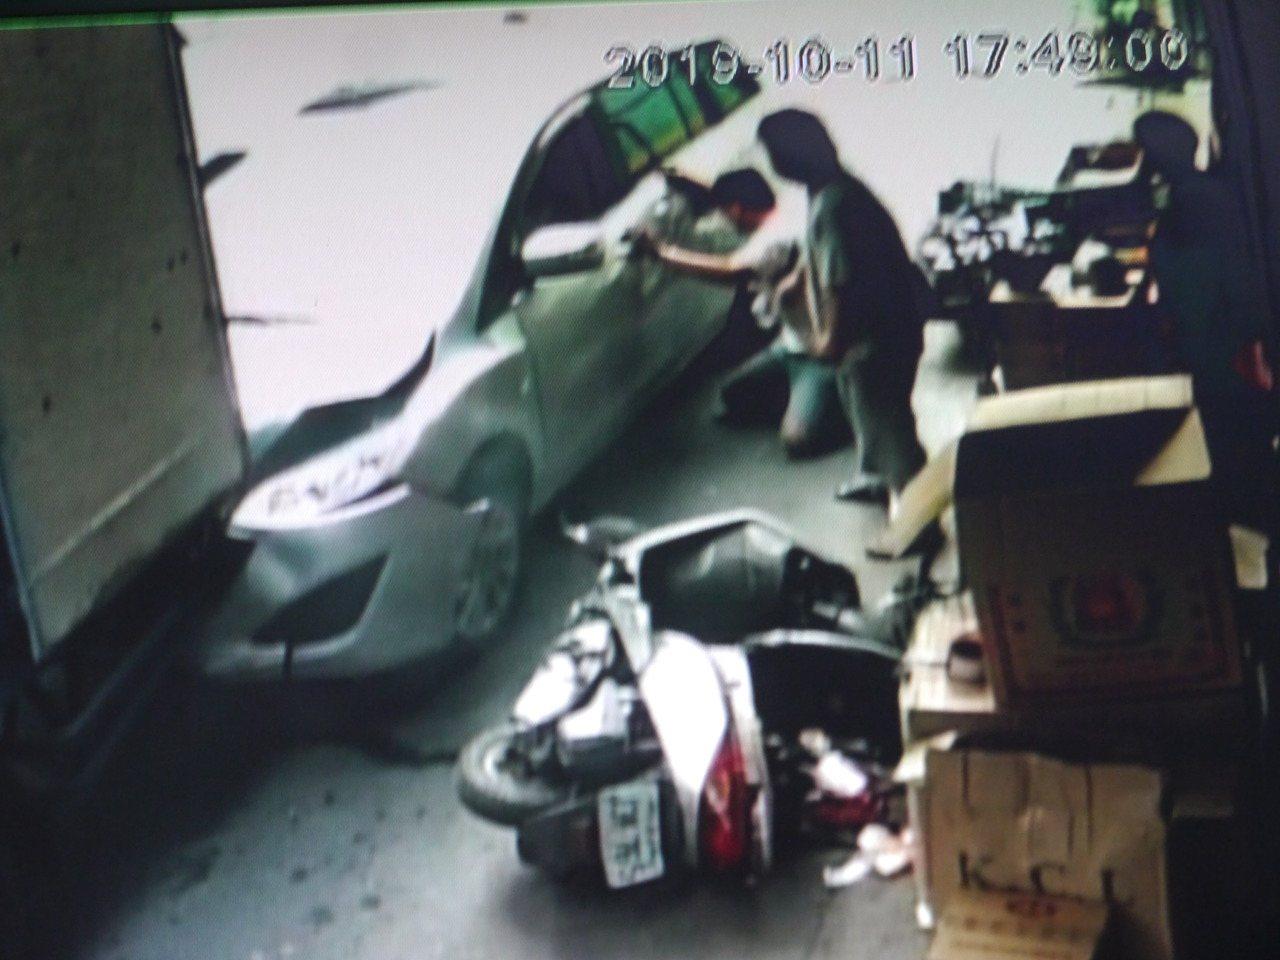 死者兒子也在事故現場,蹲在地上呼喊著遭車子捲入車底的母親。記者徐白櫻/翻攝